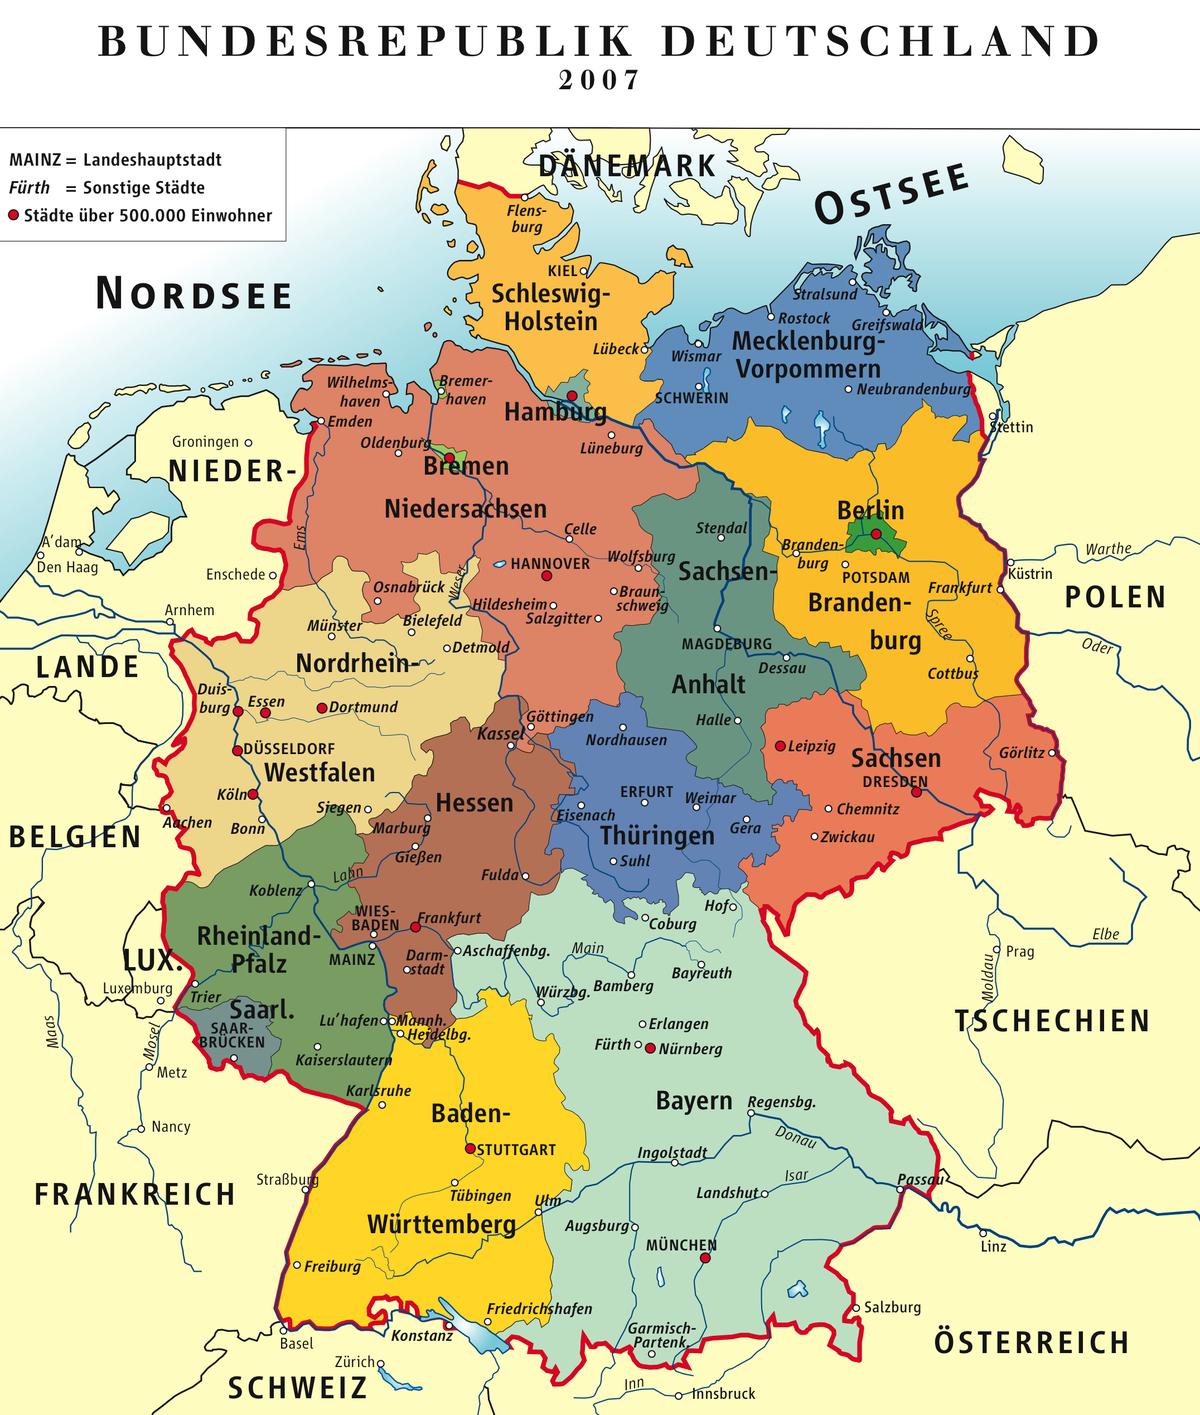 Geschichte Deutschlands seit 20 – Wikipedia